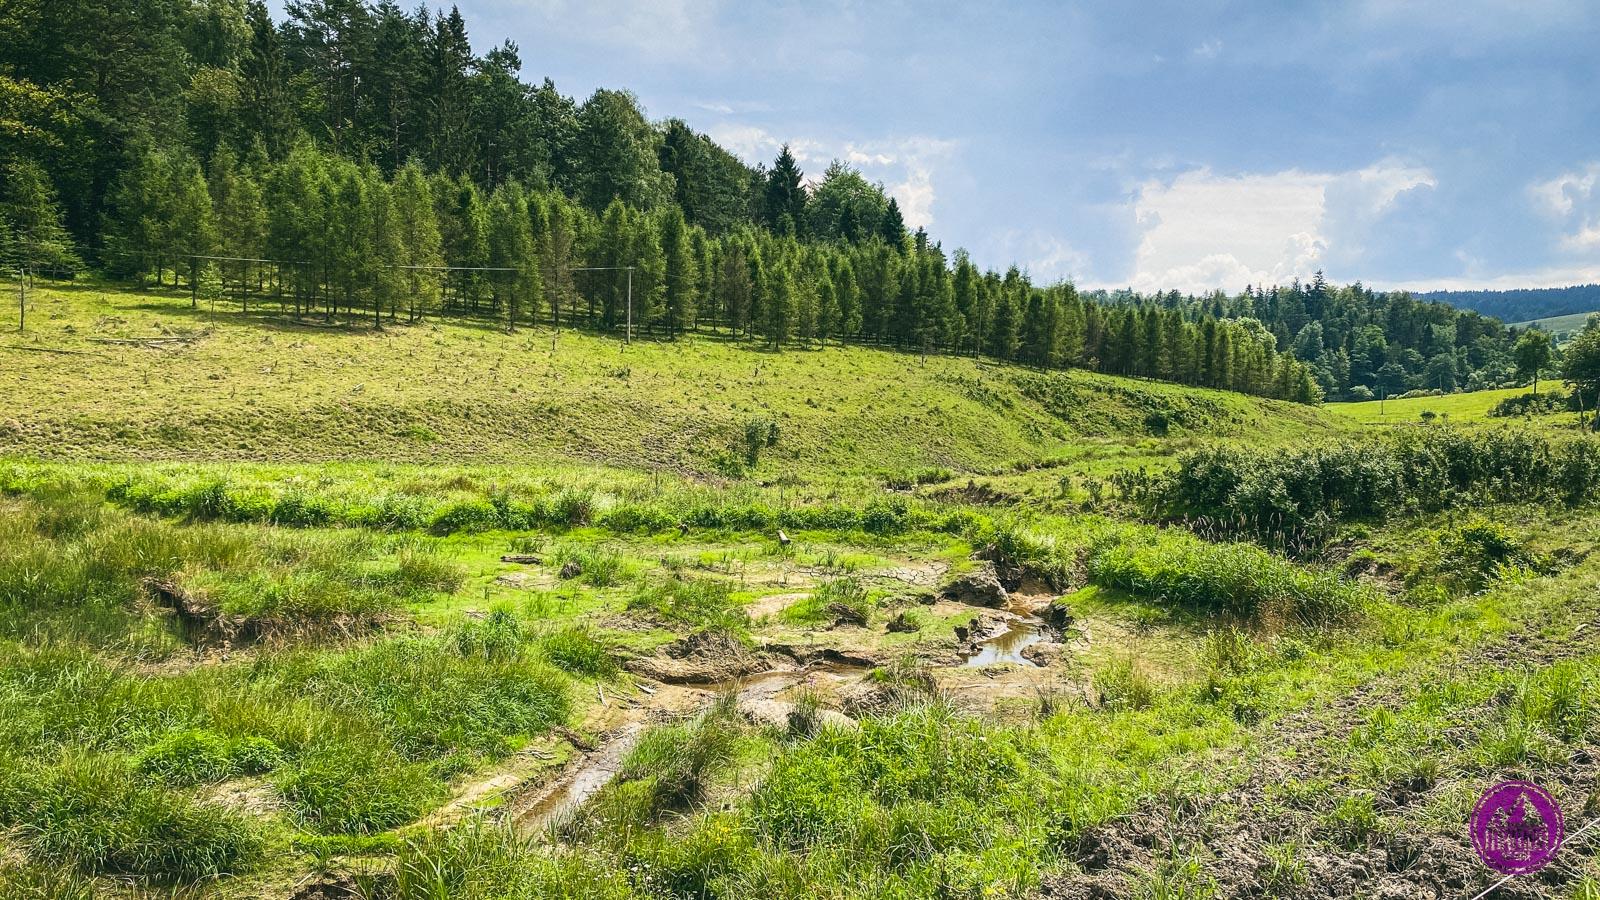 Beskid Niski żeremia bobrów